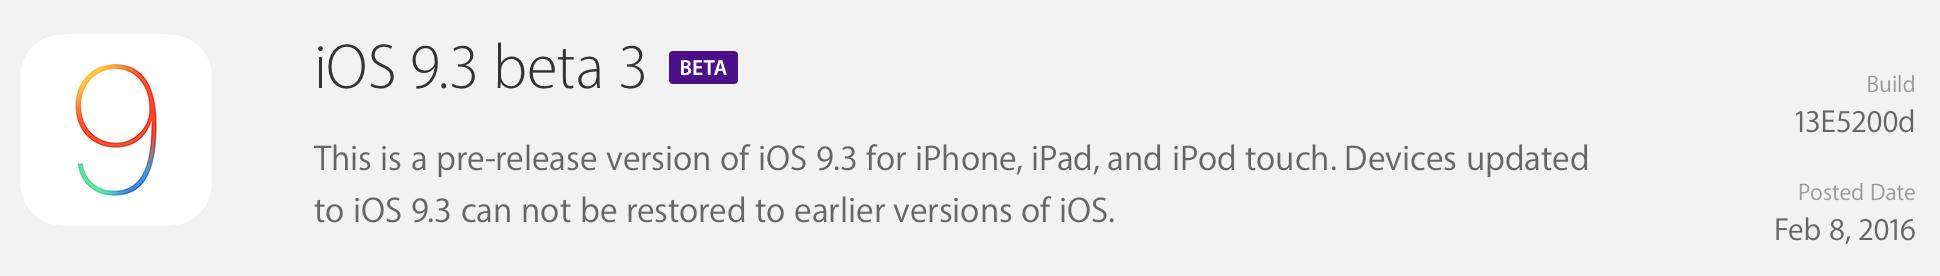 iOS 9 Beta Release Notes-bildschirmfoto-2016-02-08-um-19.13.11.png